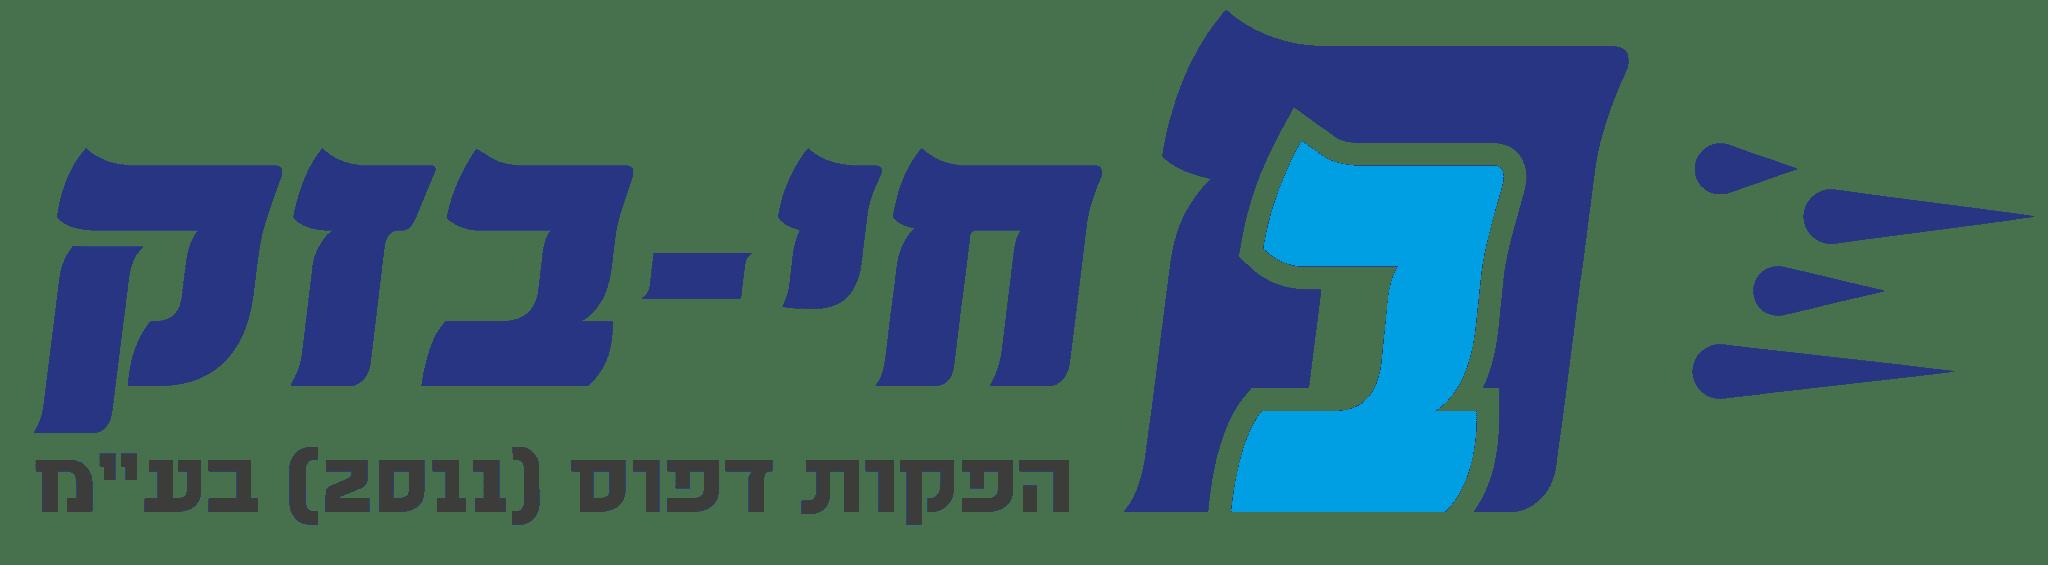 חי בזק לוגו